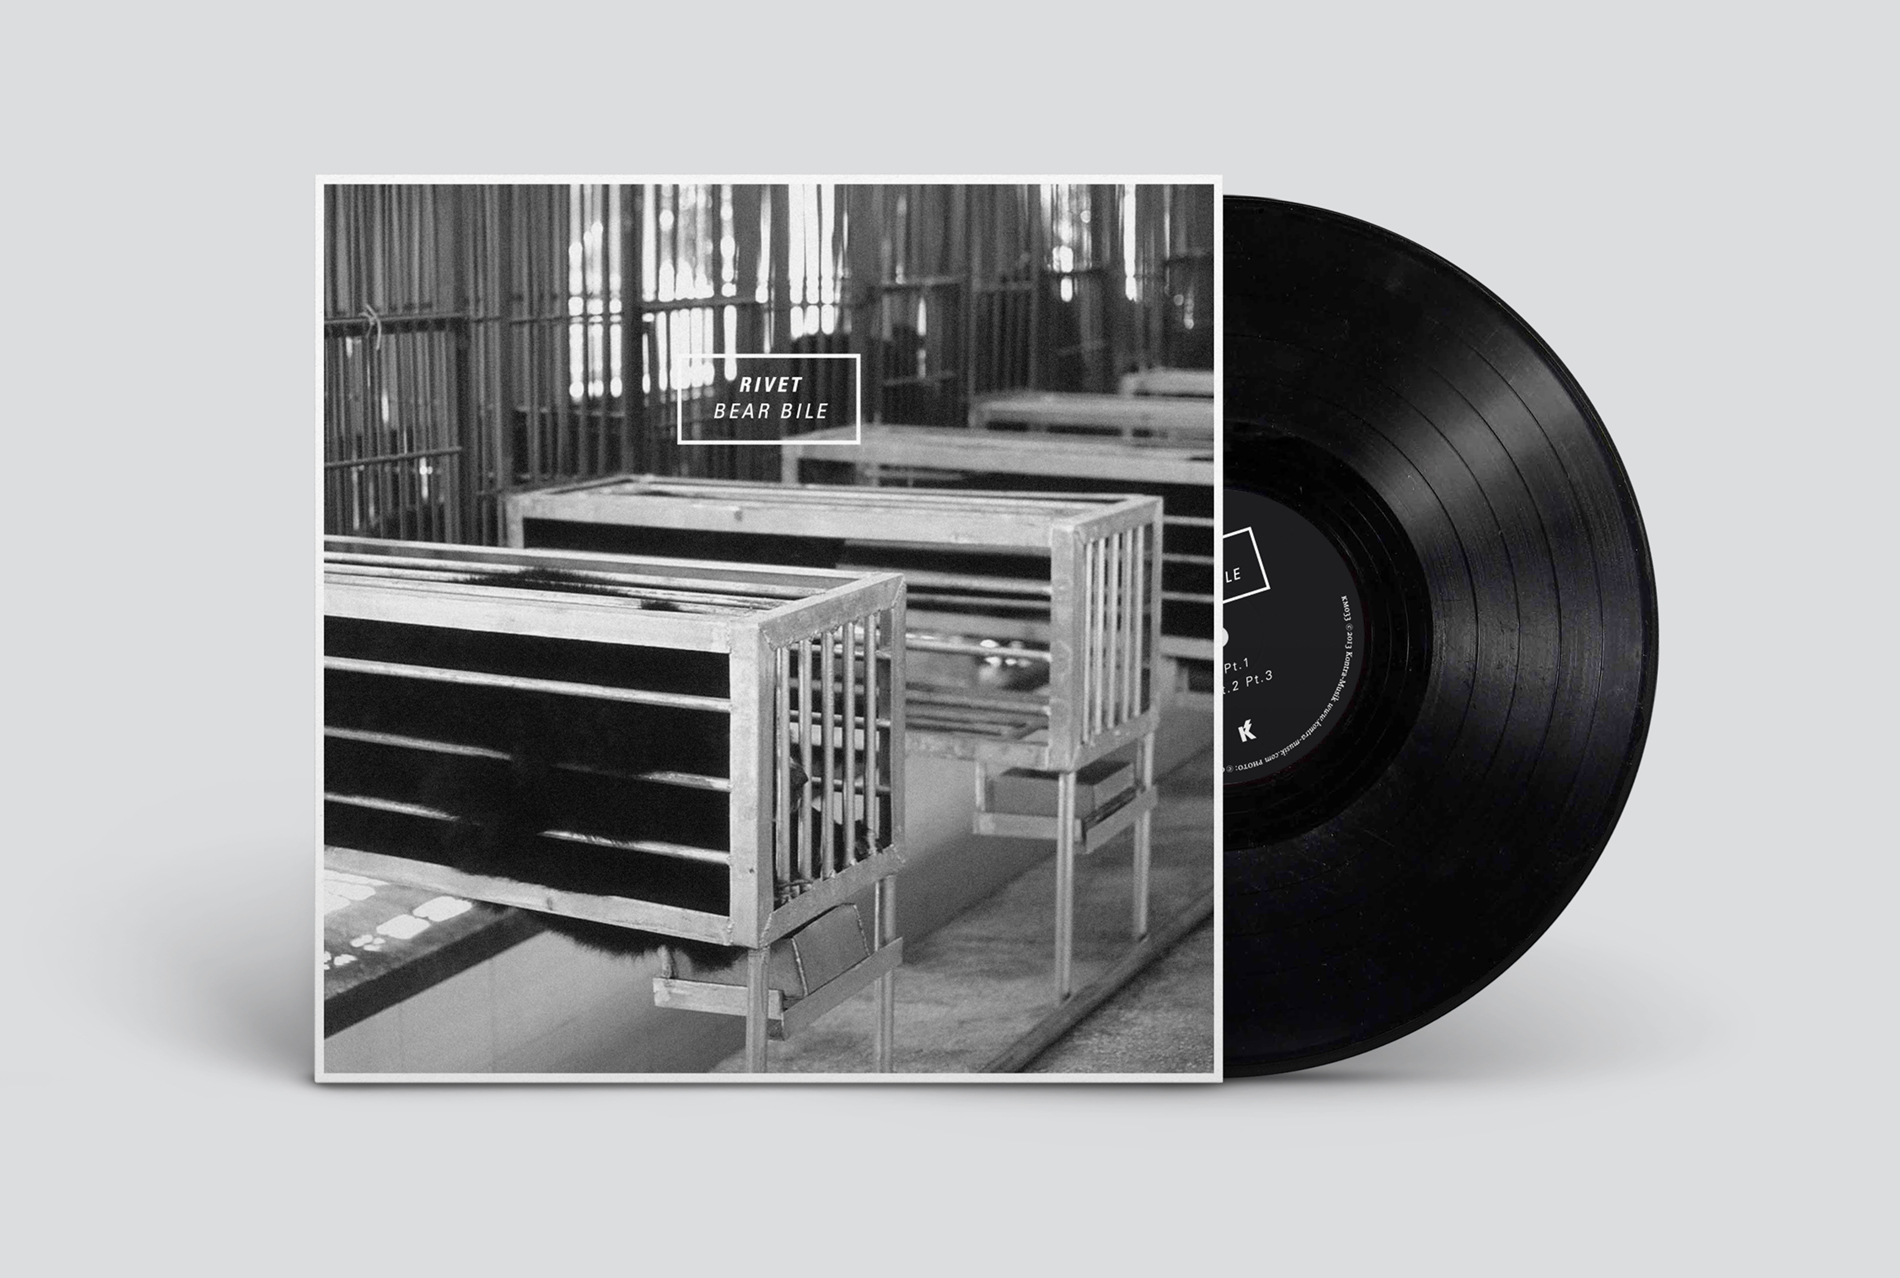 Rivet »Bear Bile« EP [KM033], front.